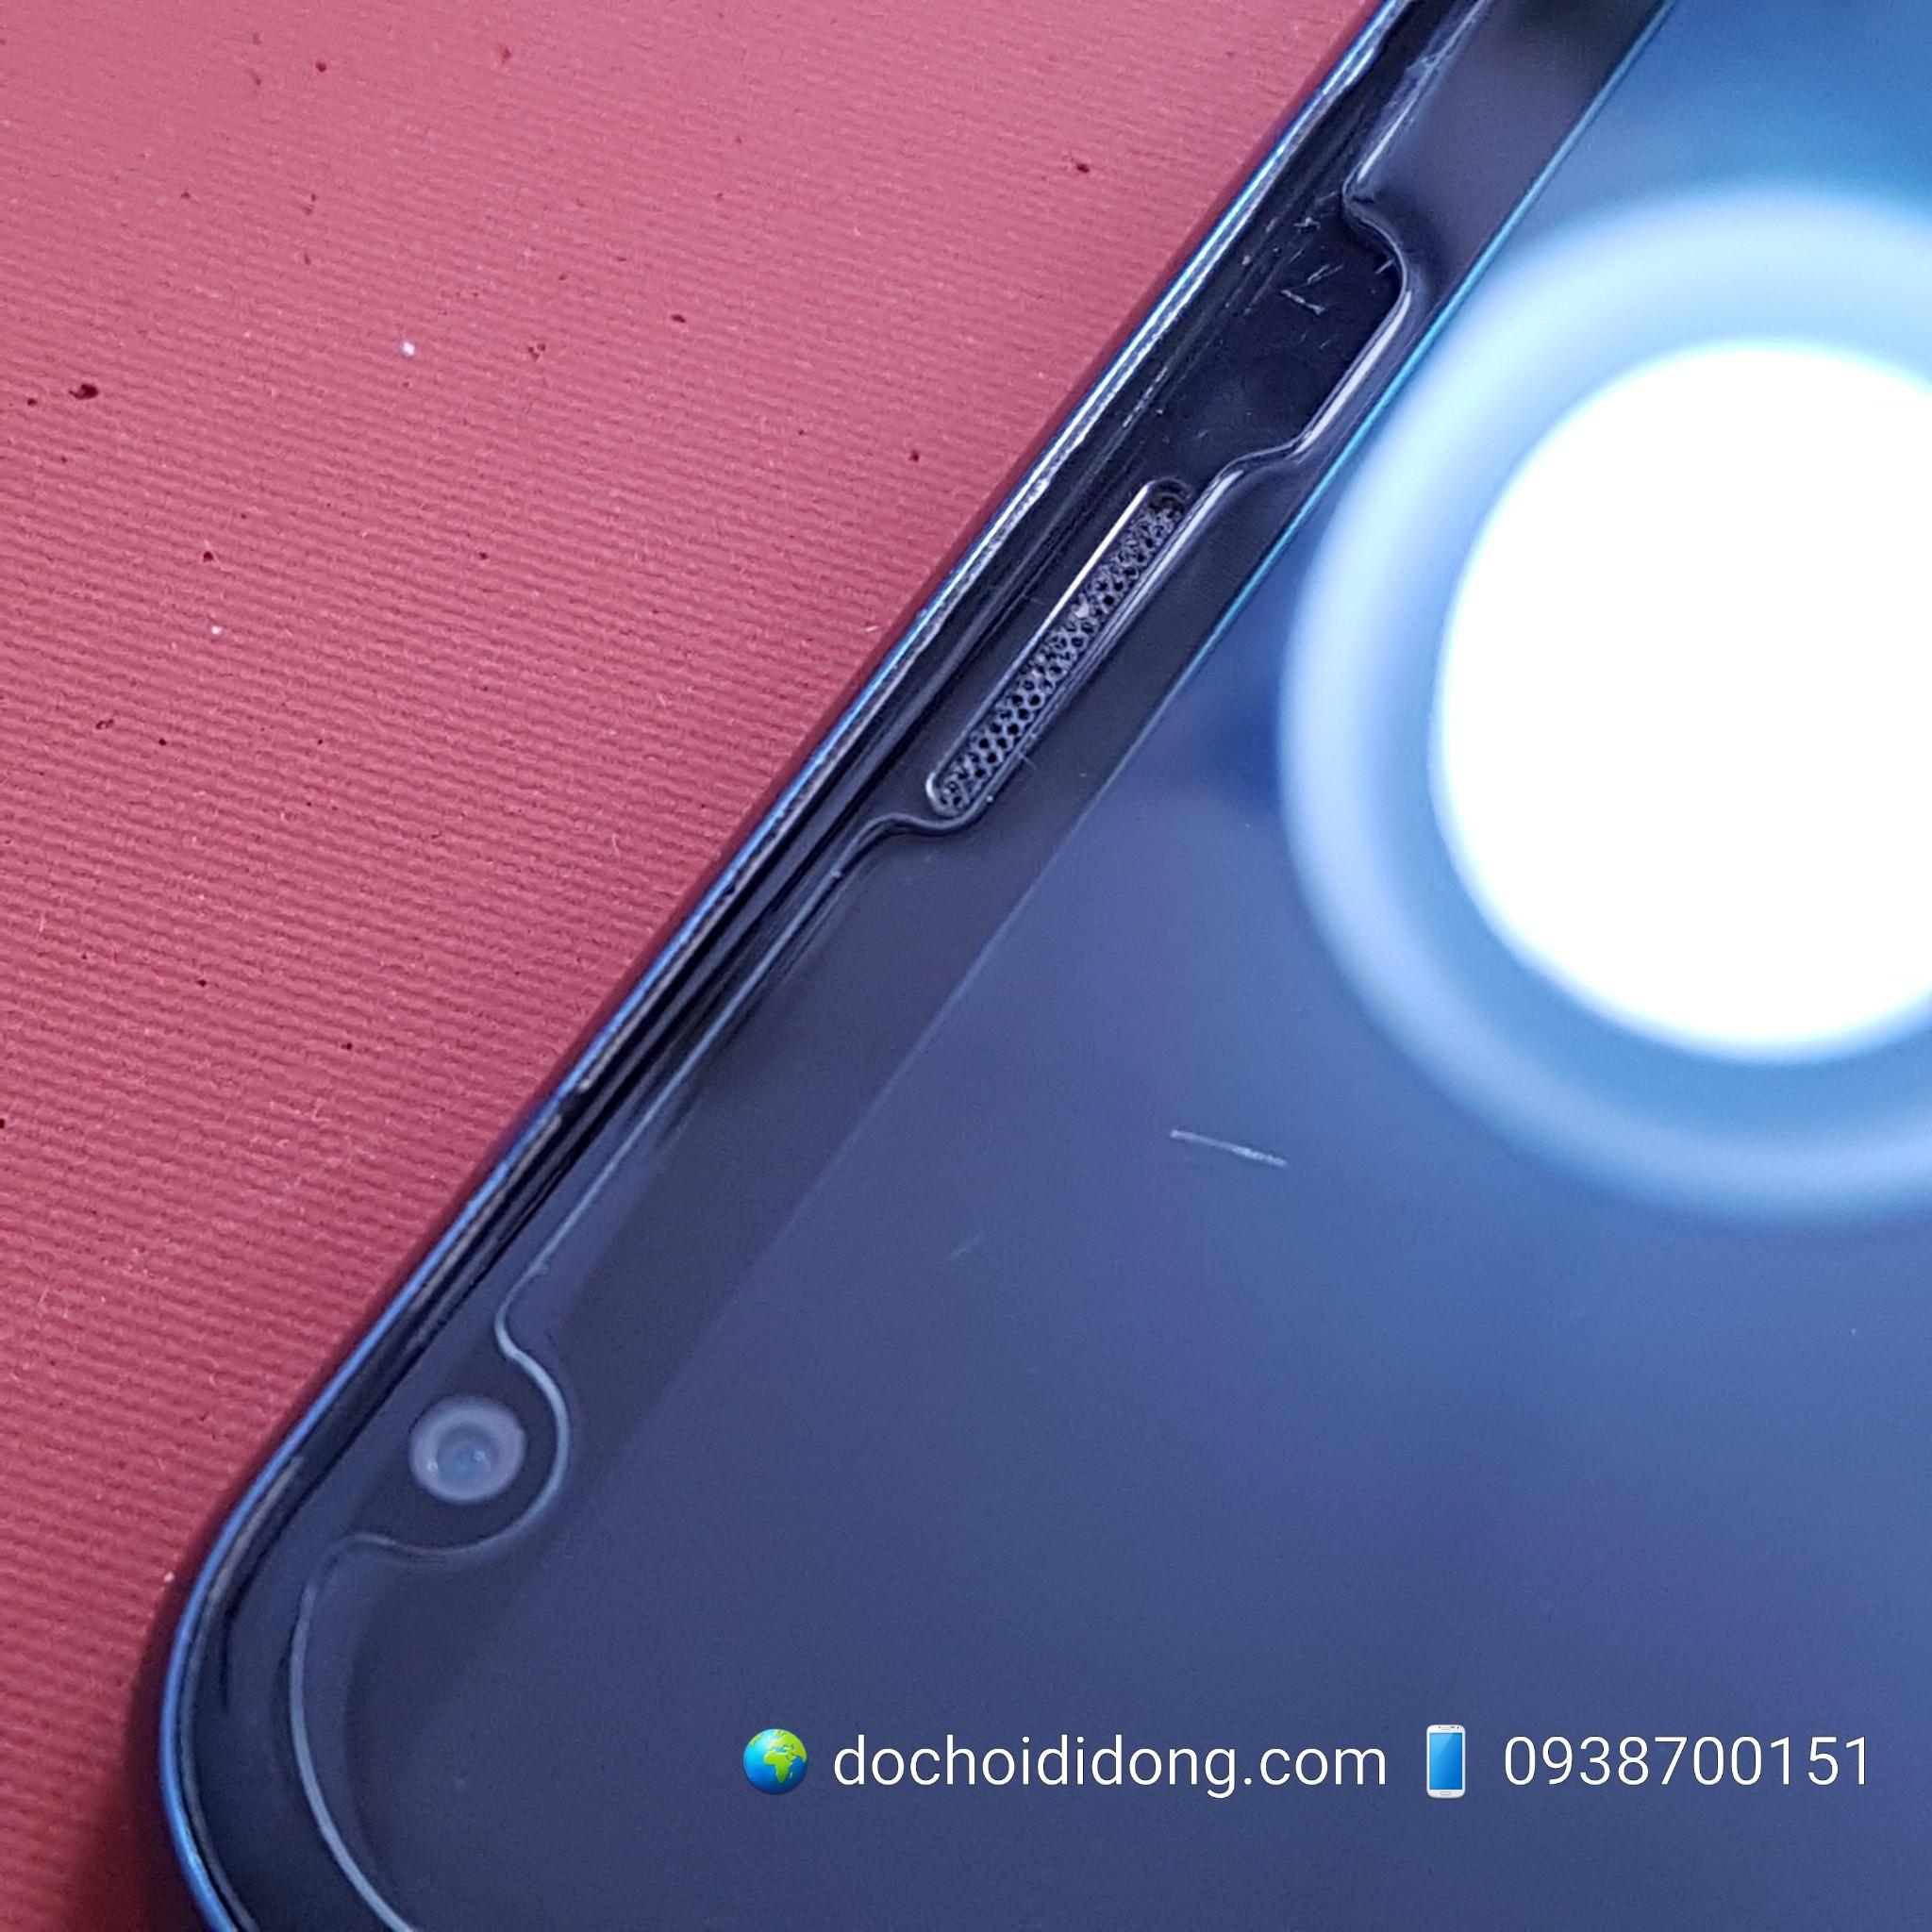 Miếng dán cường lực LG V30 Zacase All Clear